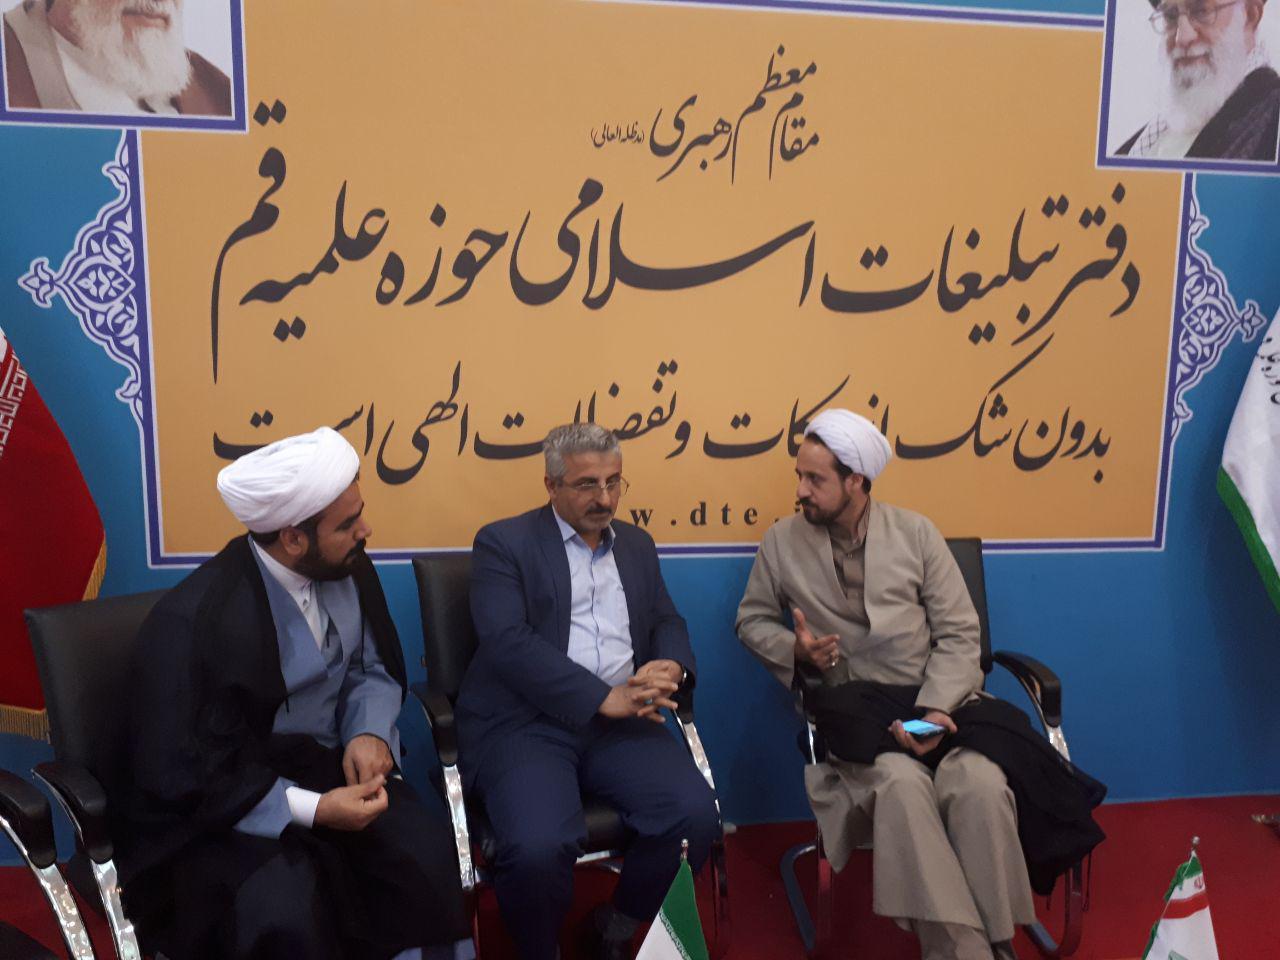 دکتر نیکفر نماینده مردم لاهیجان در مجلس